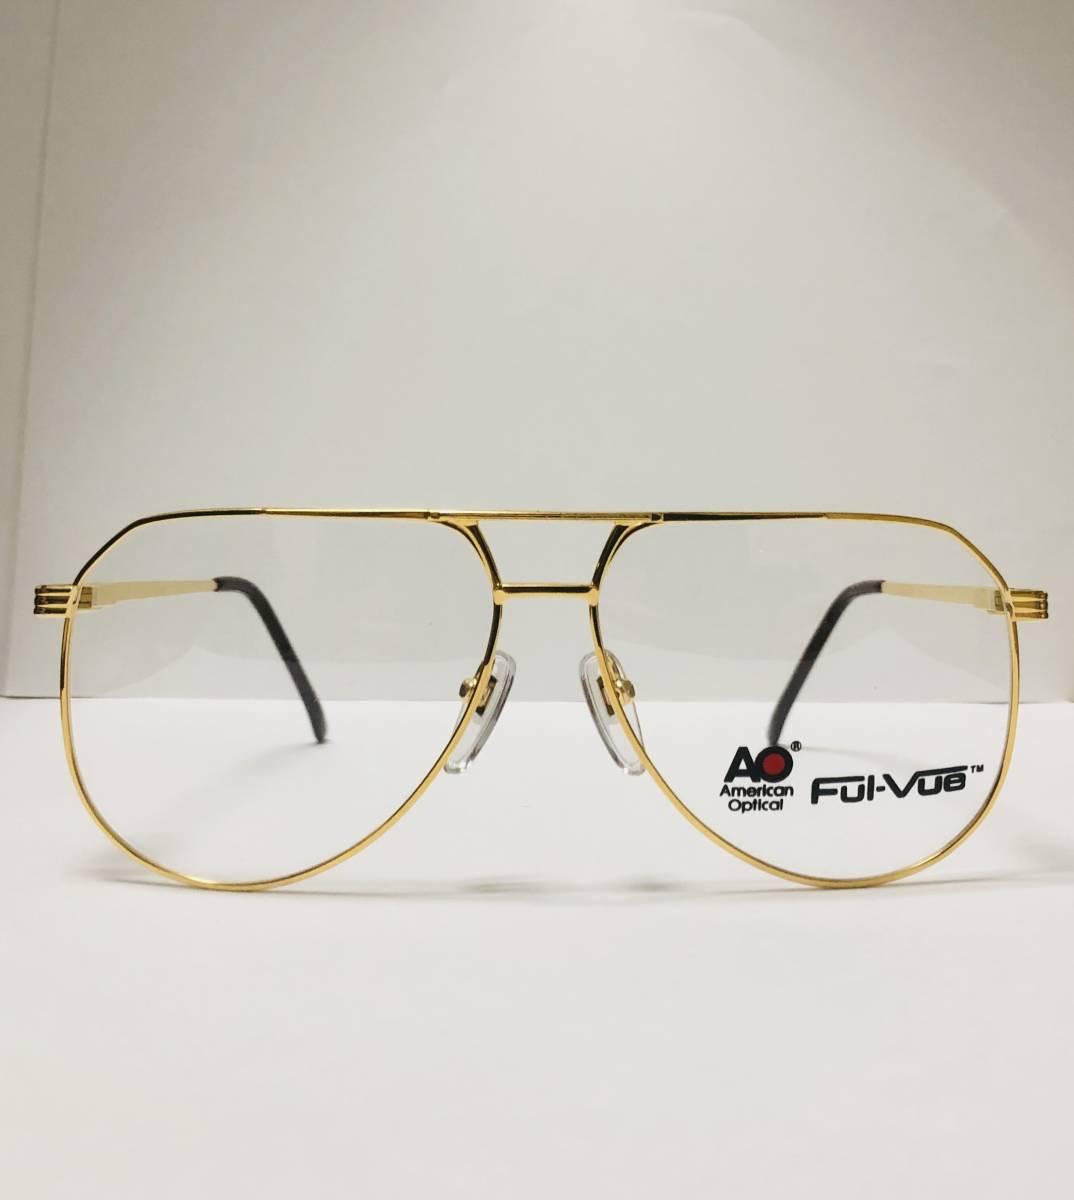 新品箱付】20K金 アメリカンオプティカル 1980年代 AO American Optical Ful-Vue 米国メガネ (参考: Rodenstock好きにオススメ_画像1